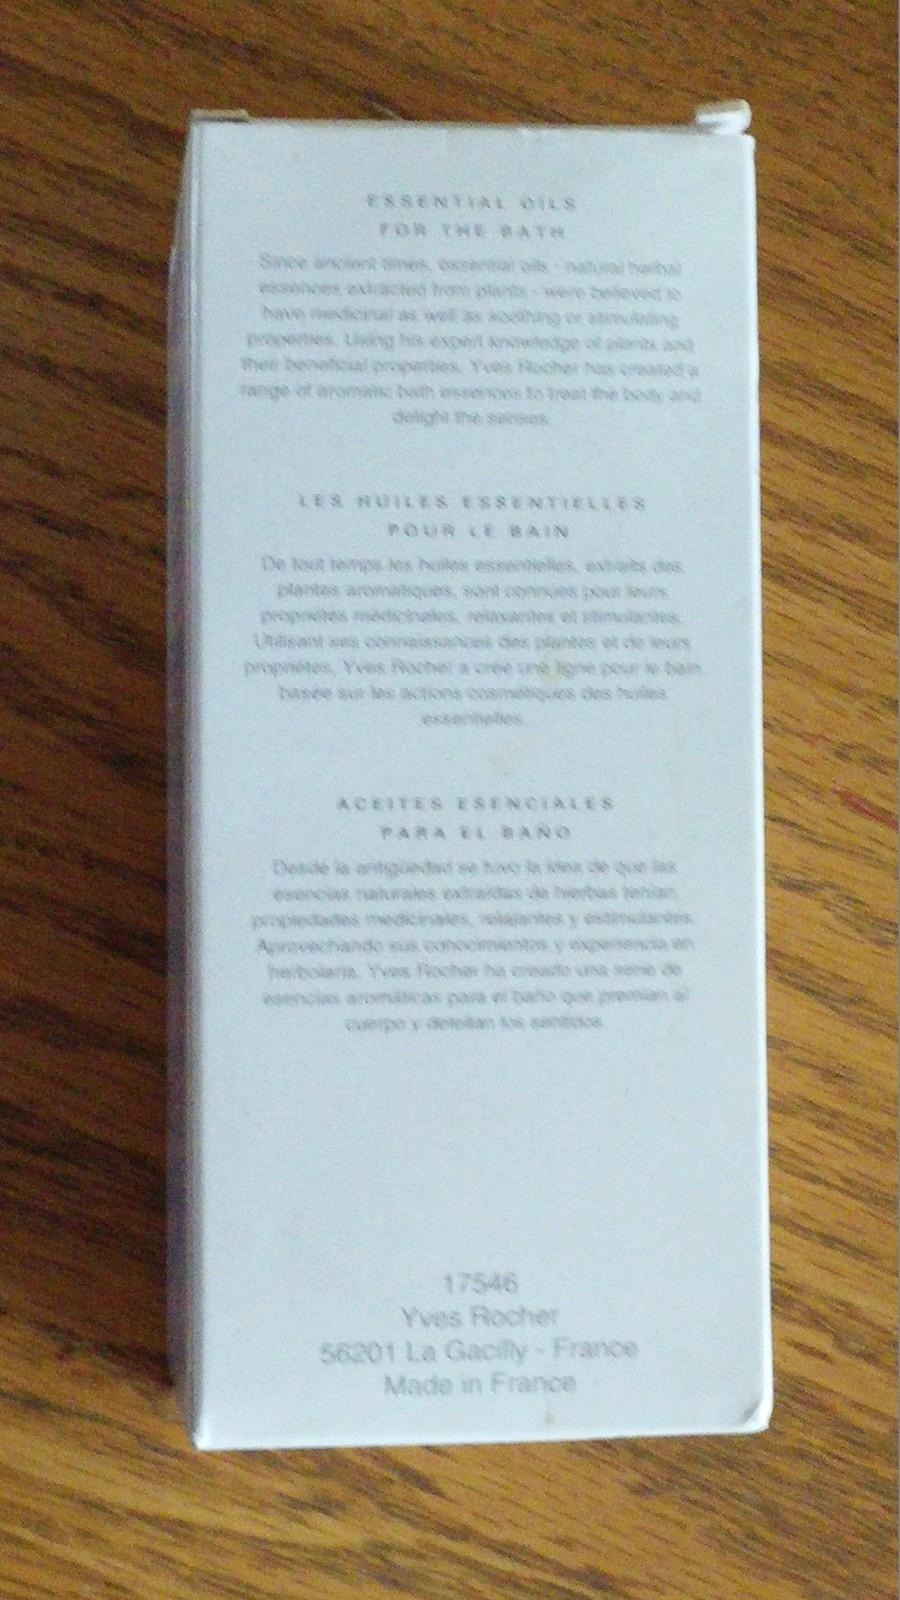 Yves Rocher Essential Oils Lavender 5 fl. oz.150 ml. Relaxing Massage Oil